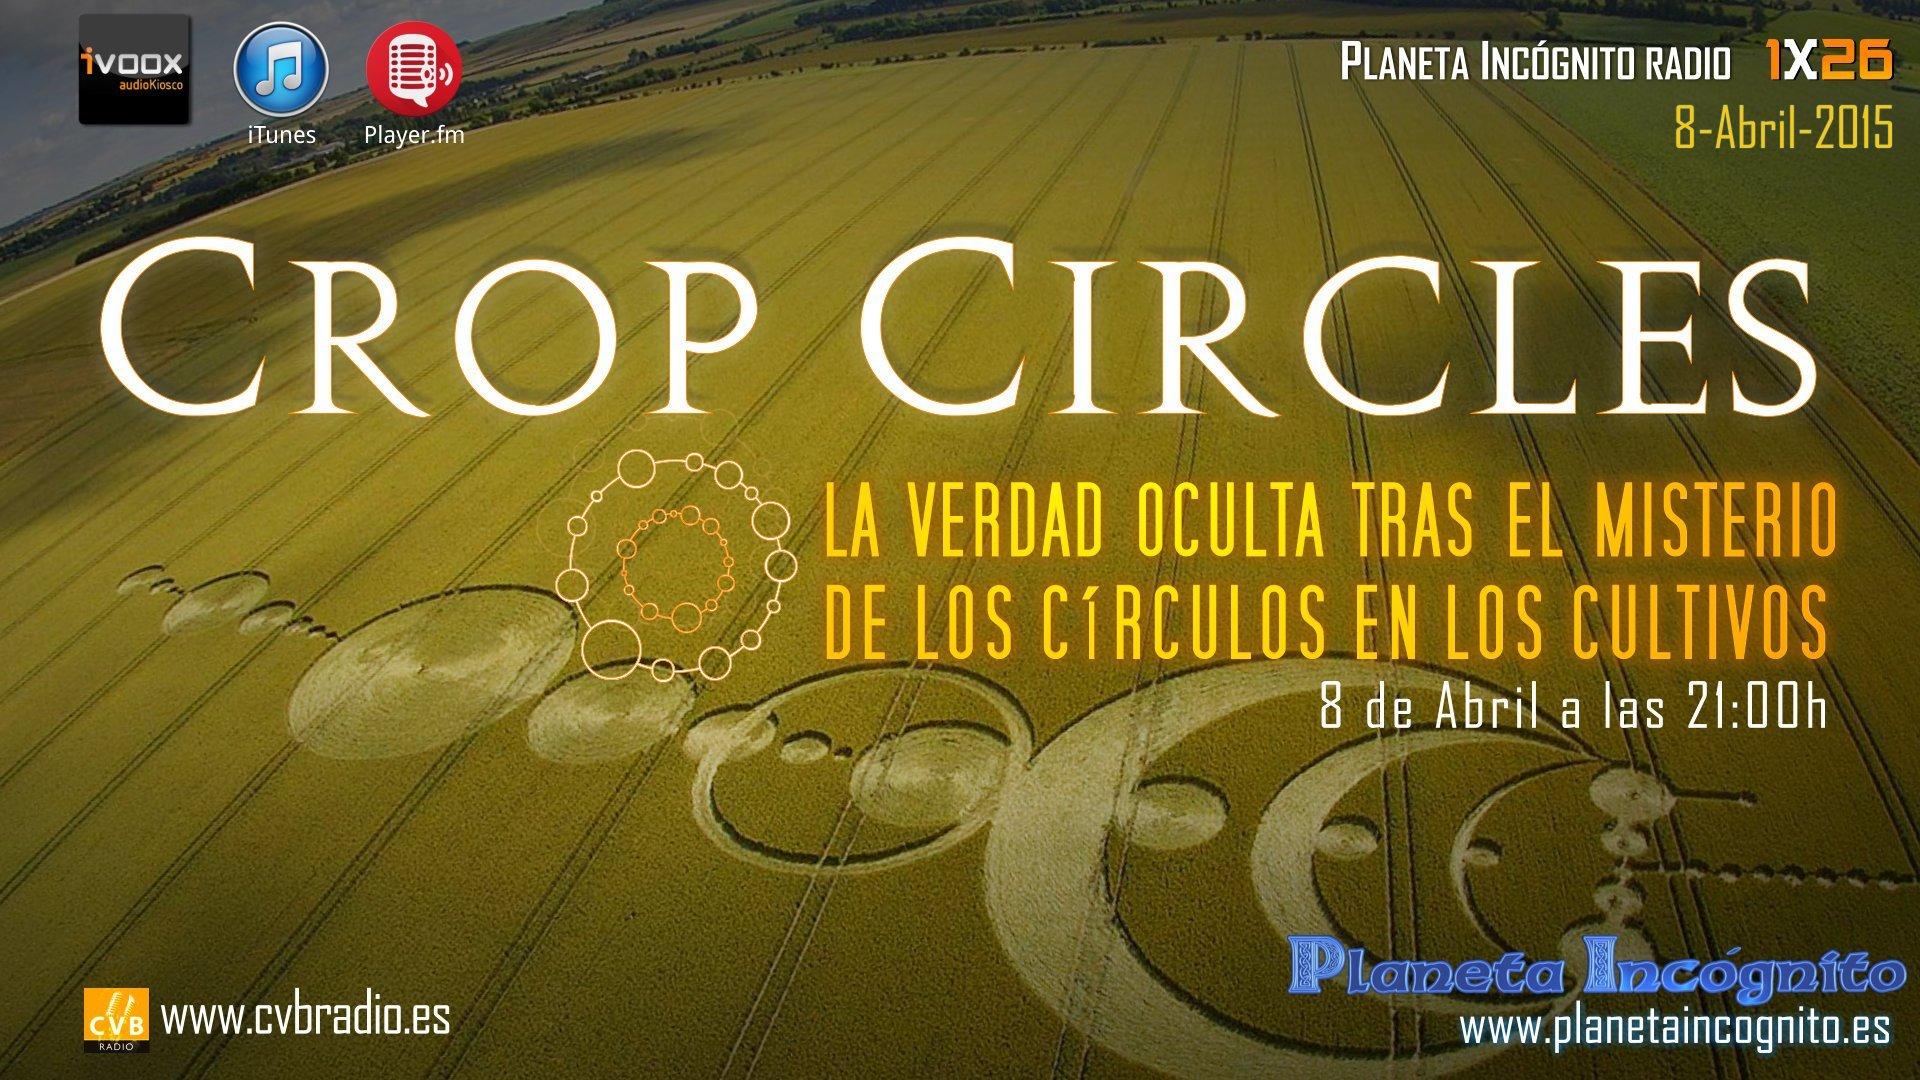 Programa 1x26 CROP CIRCLES : La Verdad Oculta sobre el Misterio de los Círculos en los Cultivos 8